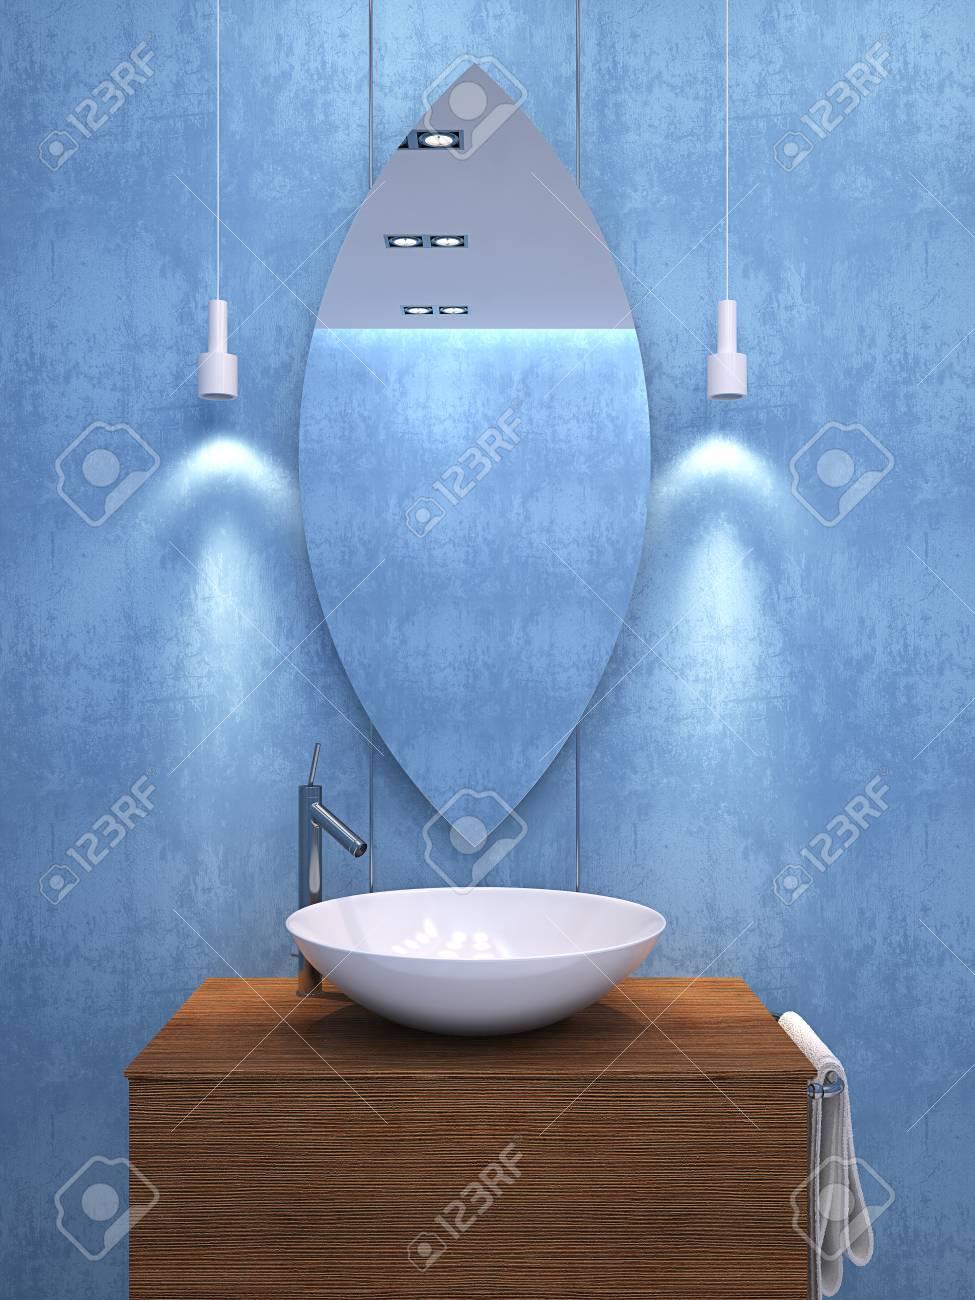 Modernes Blaues Badezimmer. 3d übertragen. Lizenzfreie Fotos, Bilder ...